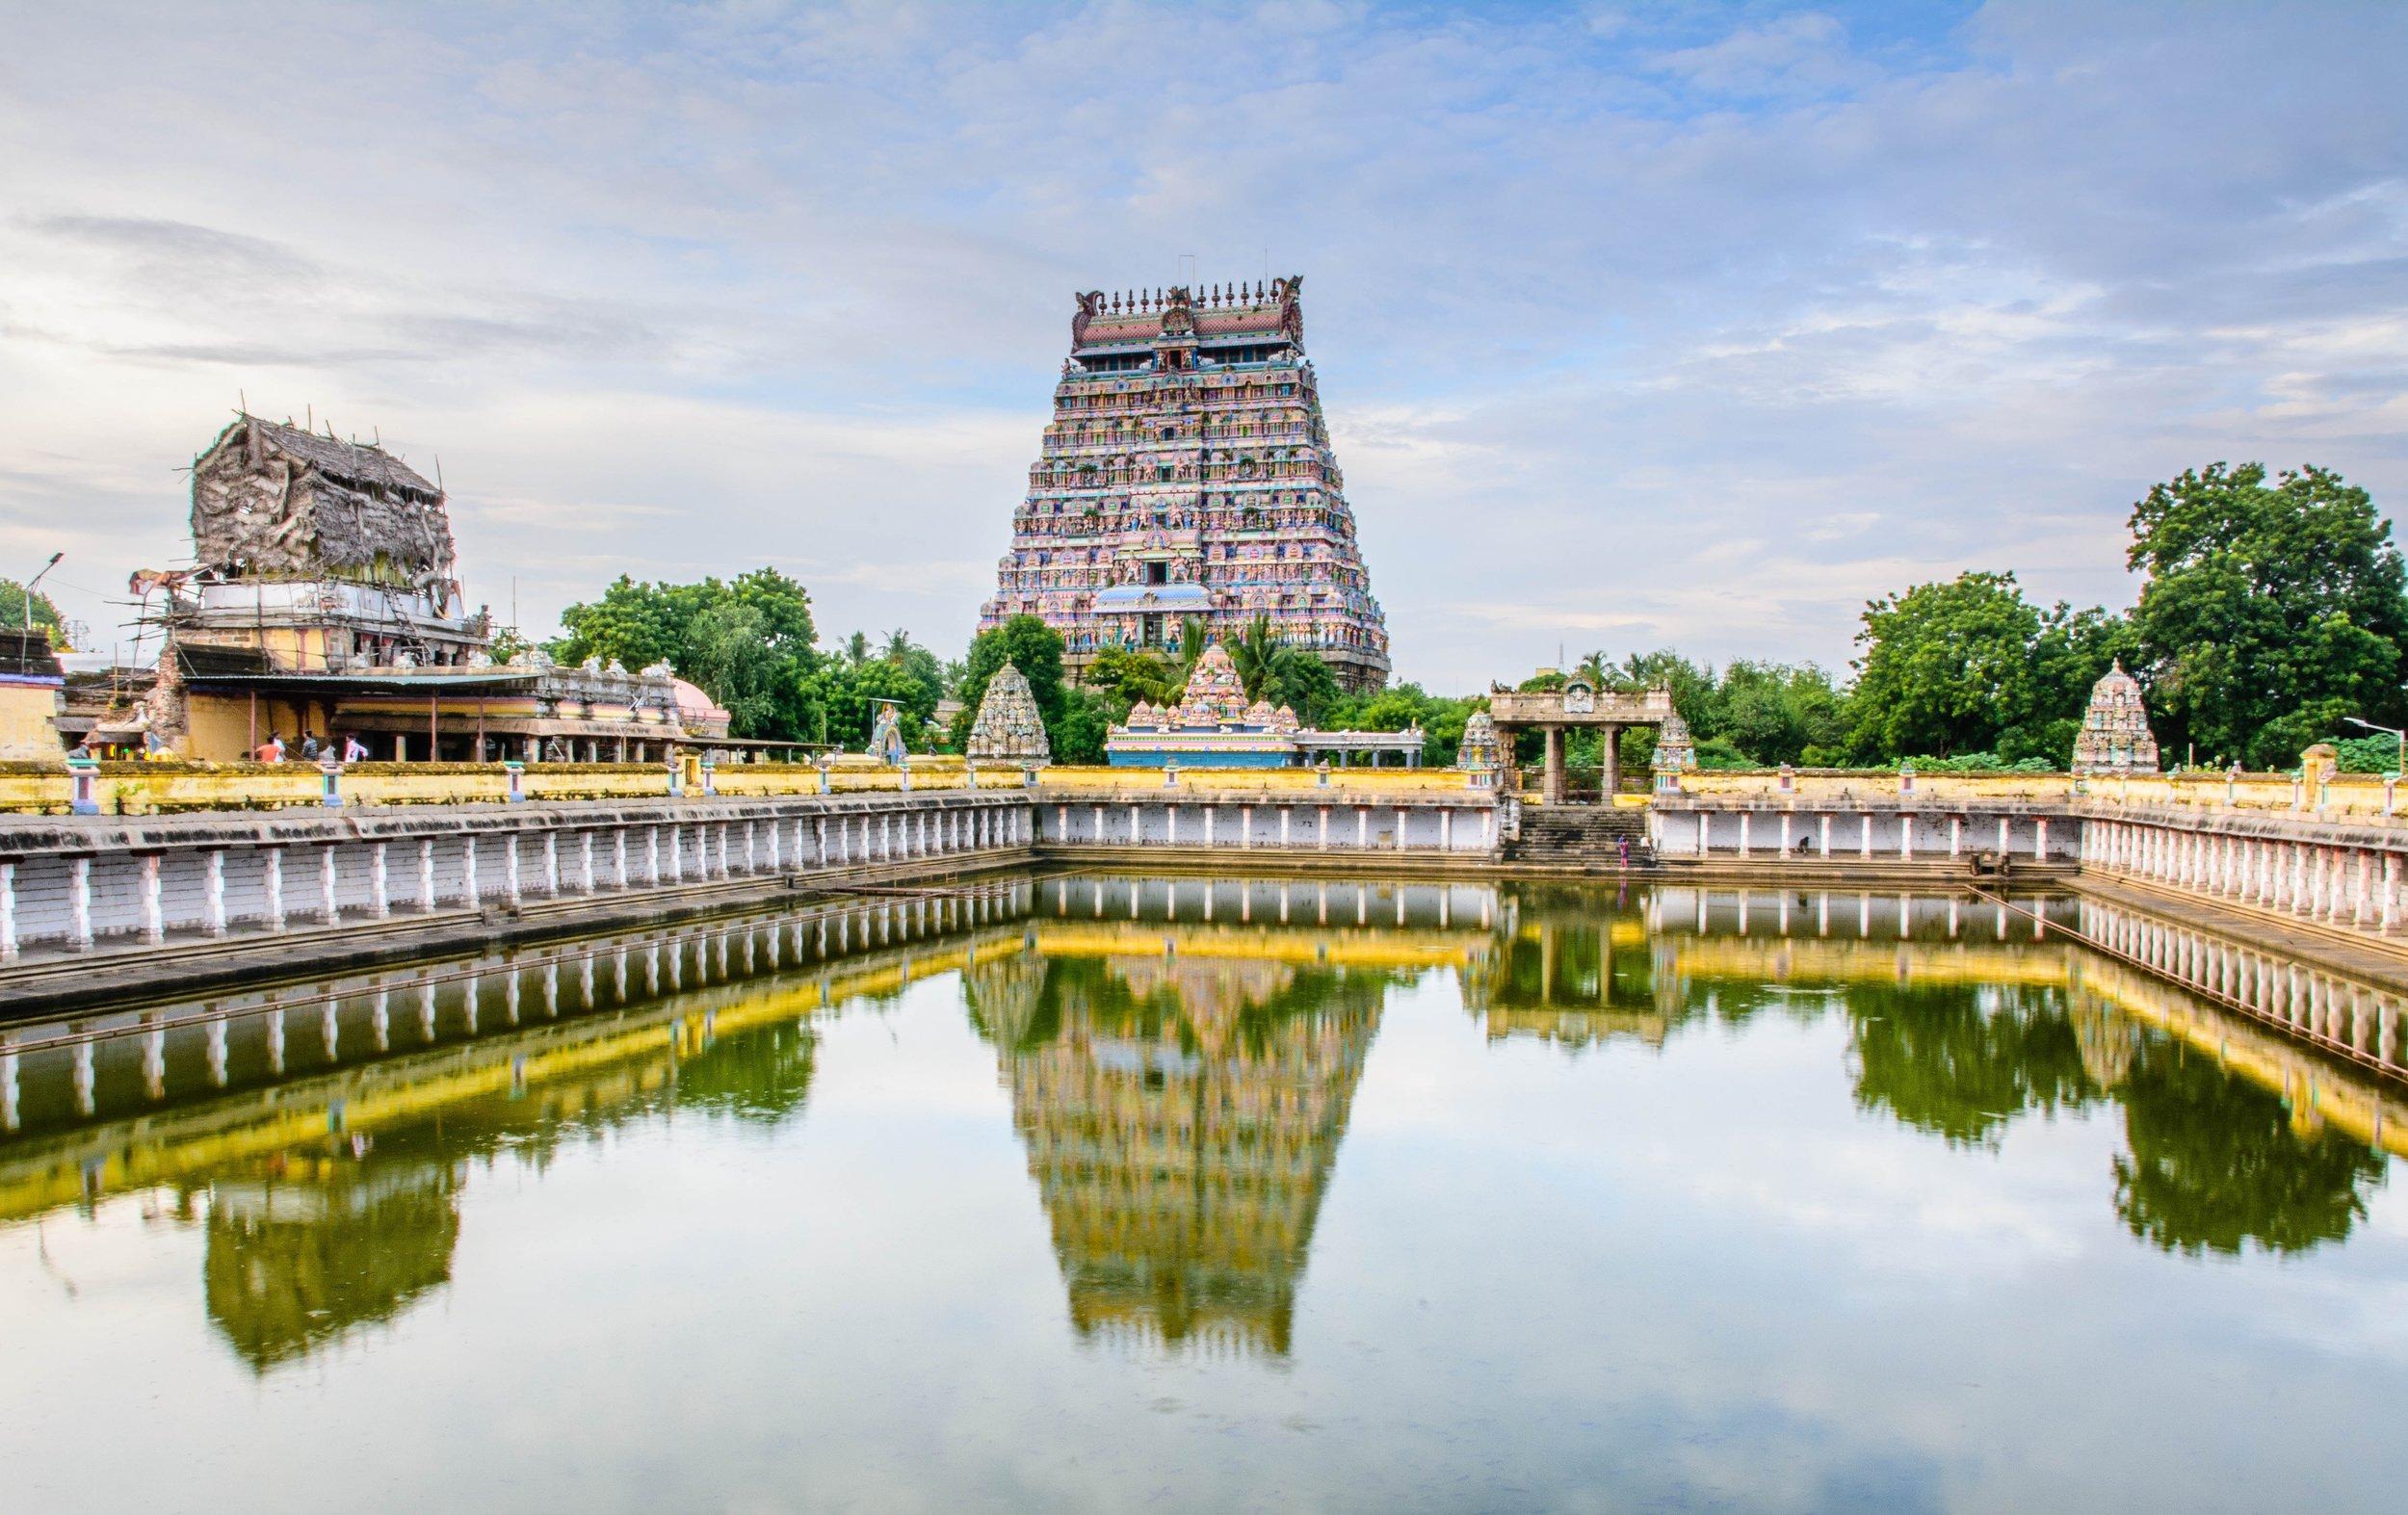 Chidambaram Thillai Nataraja temple, Chidambaram, India.jpg